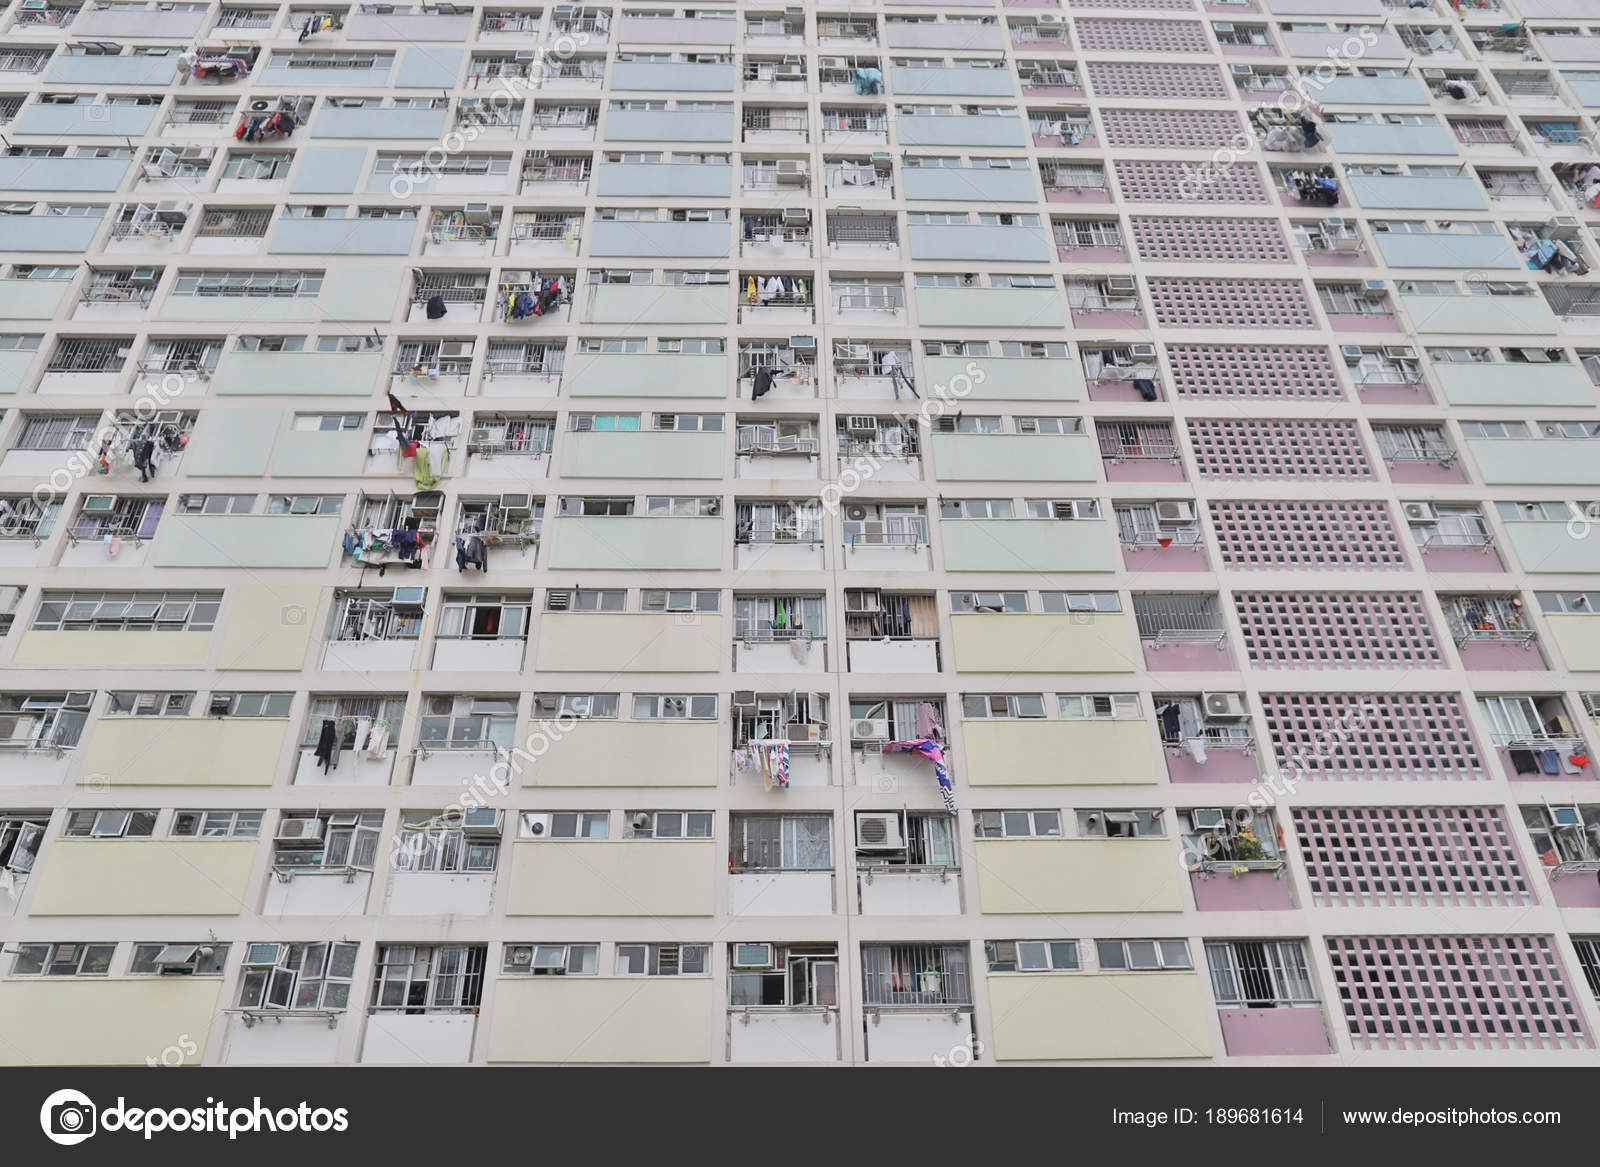 ein regenbogen farbige wohnung choi hung estate hk foto von sameashkyahoocomhk